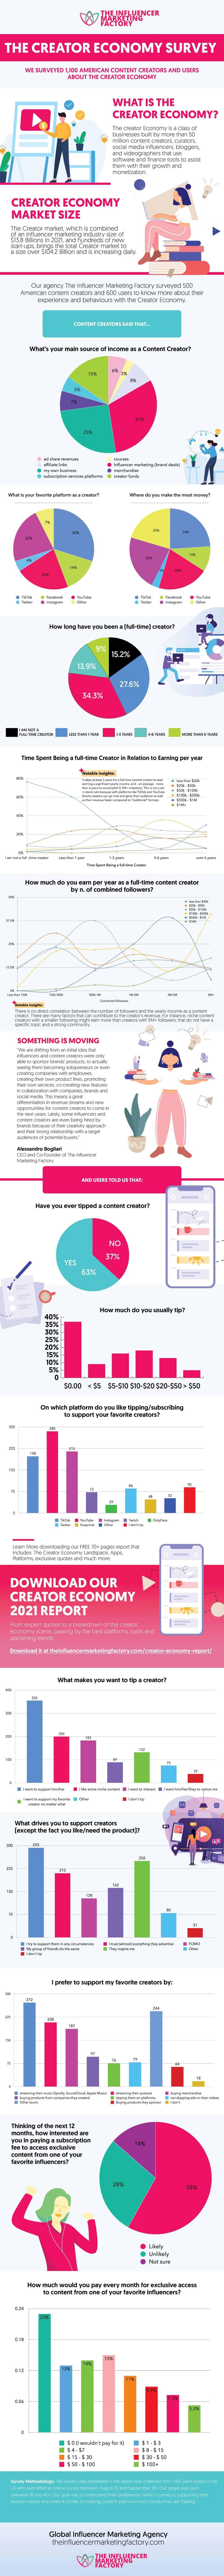 The Creator Economy Survey